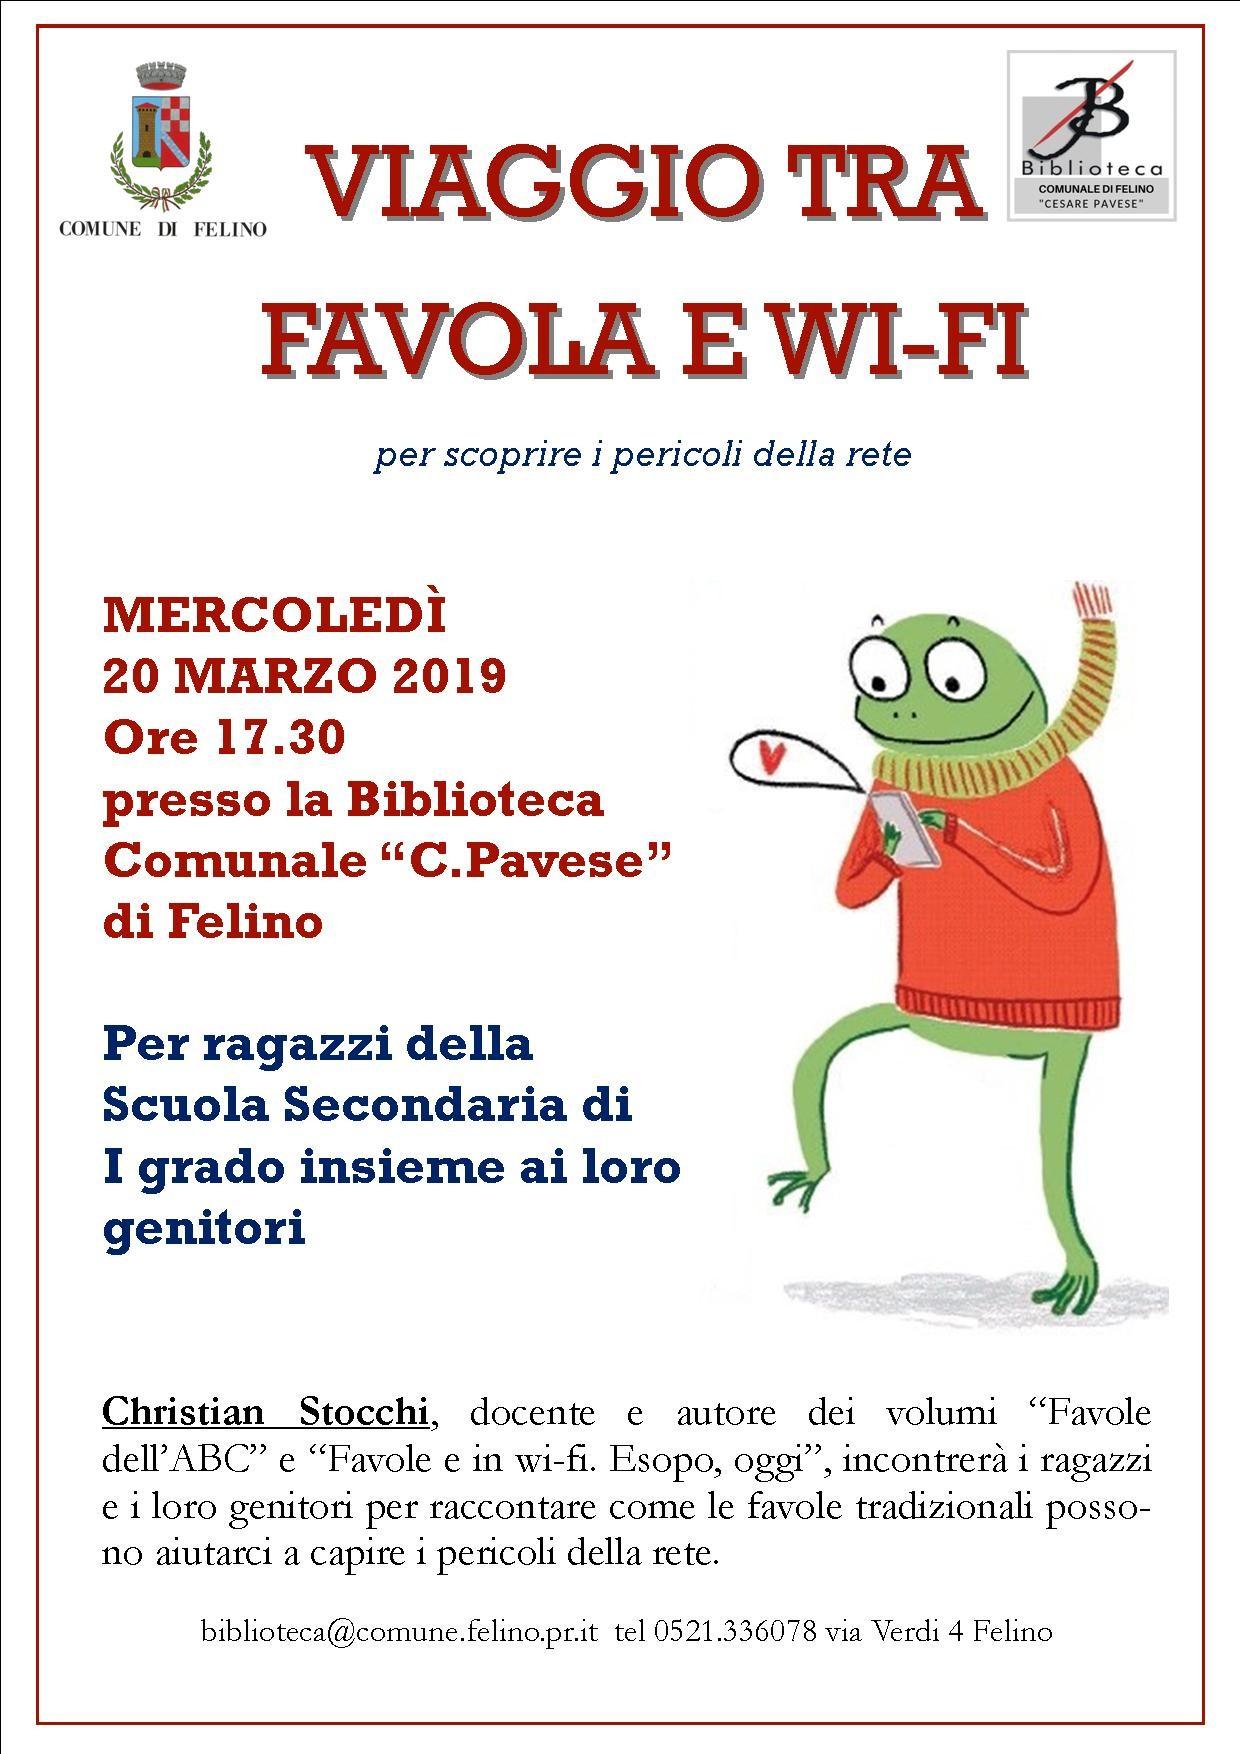 VIAGGIO TRA FAVOLA E WIFI,  incontro con l'autore Christian Stocchi